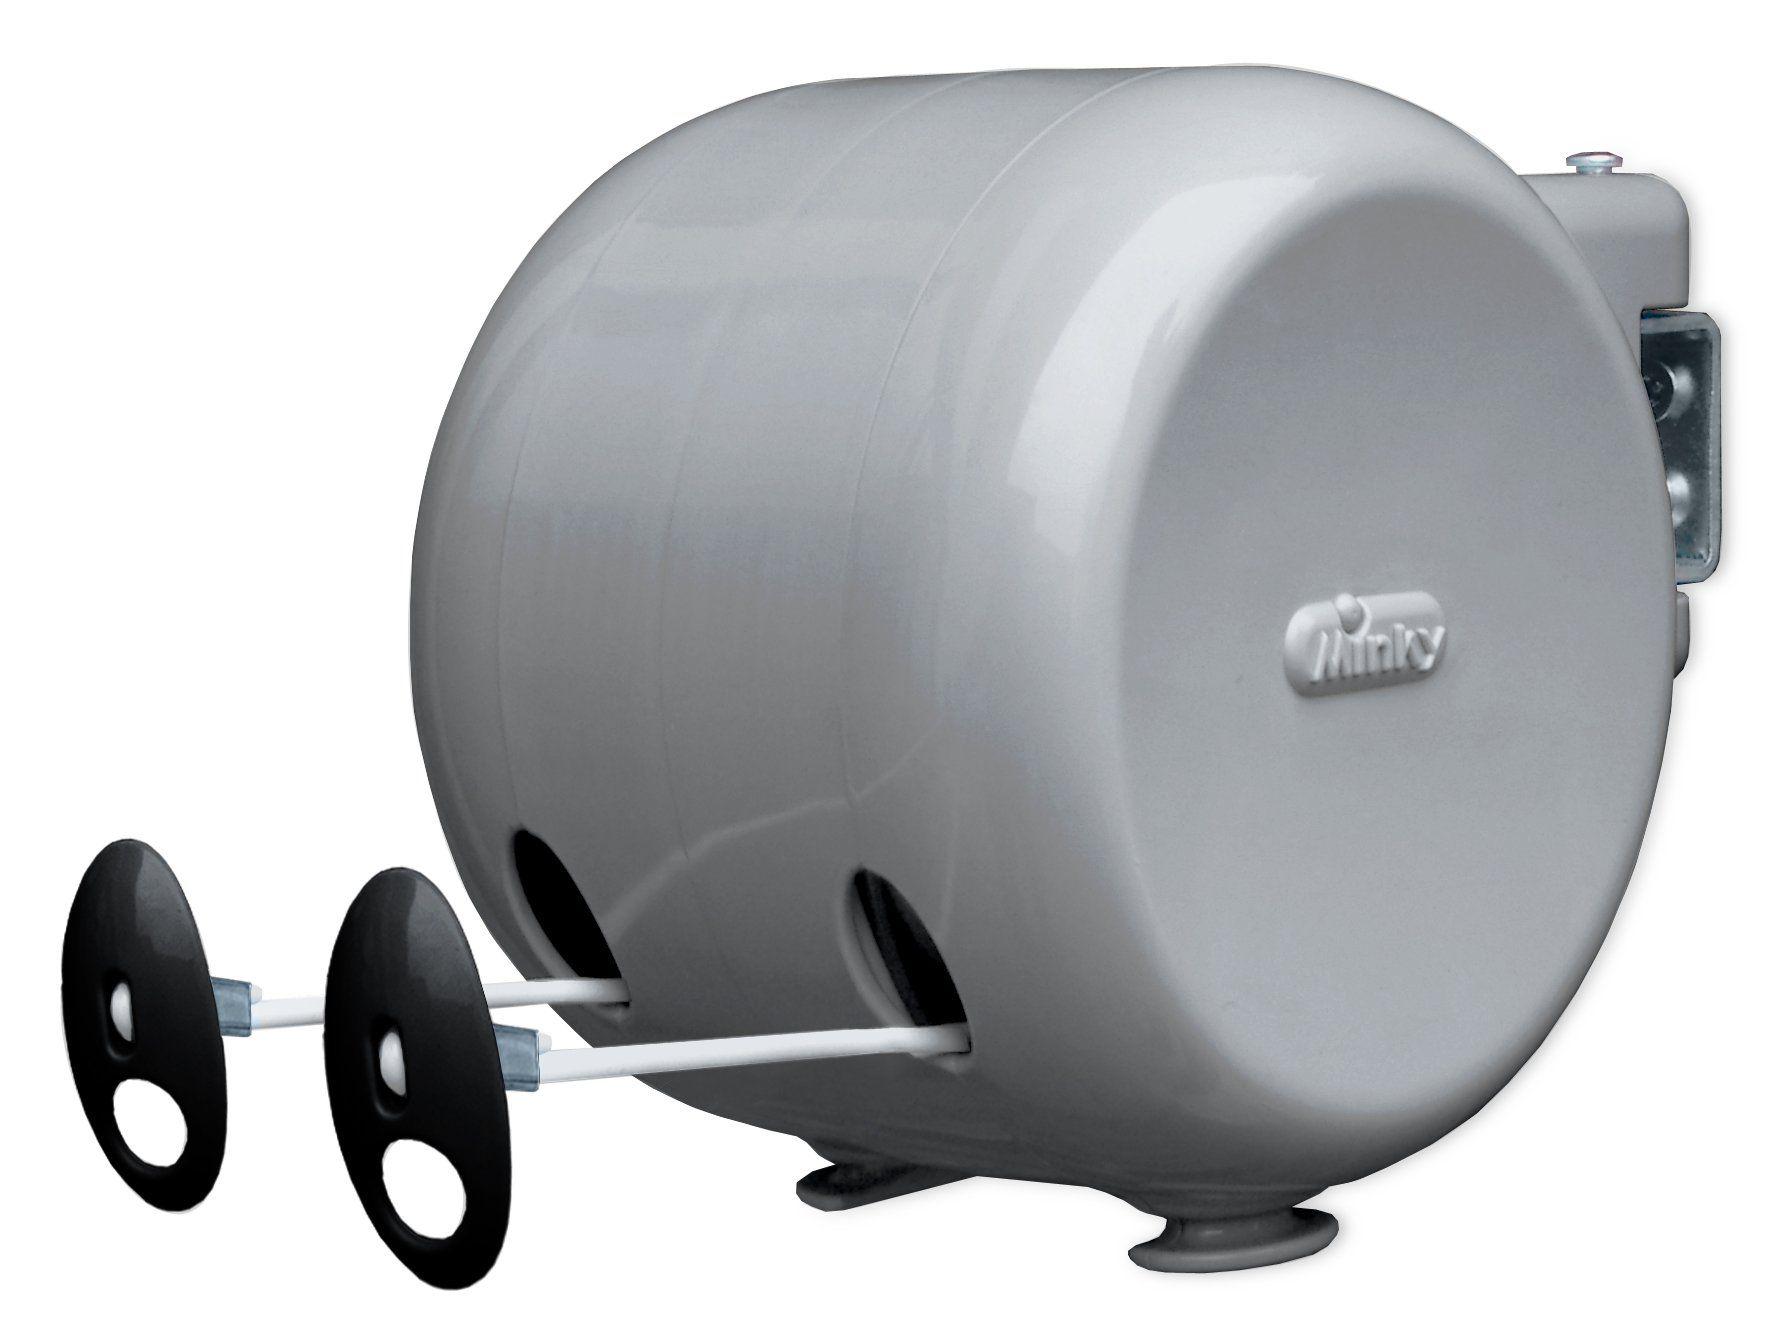 minky retractable reel outdoor dryer 98 feet line drying space